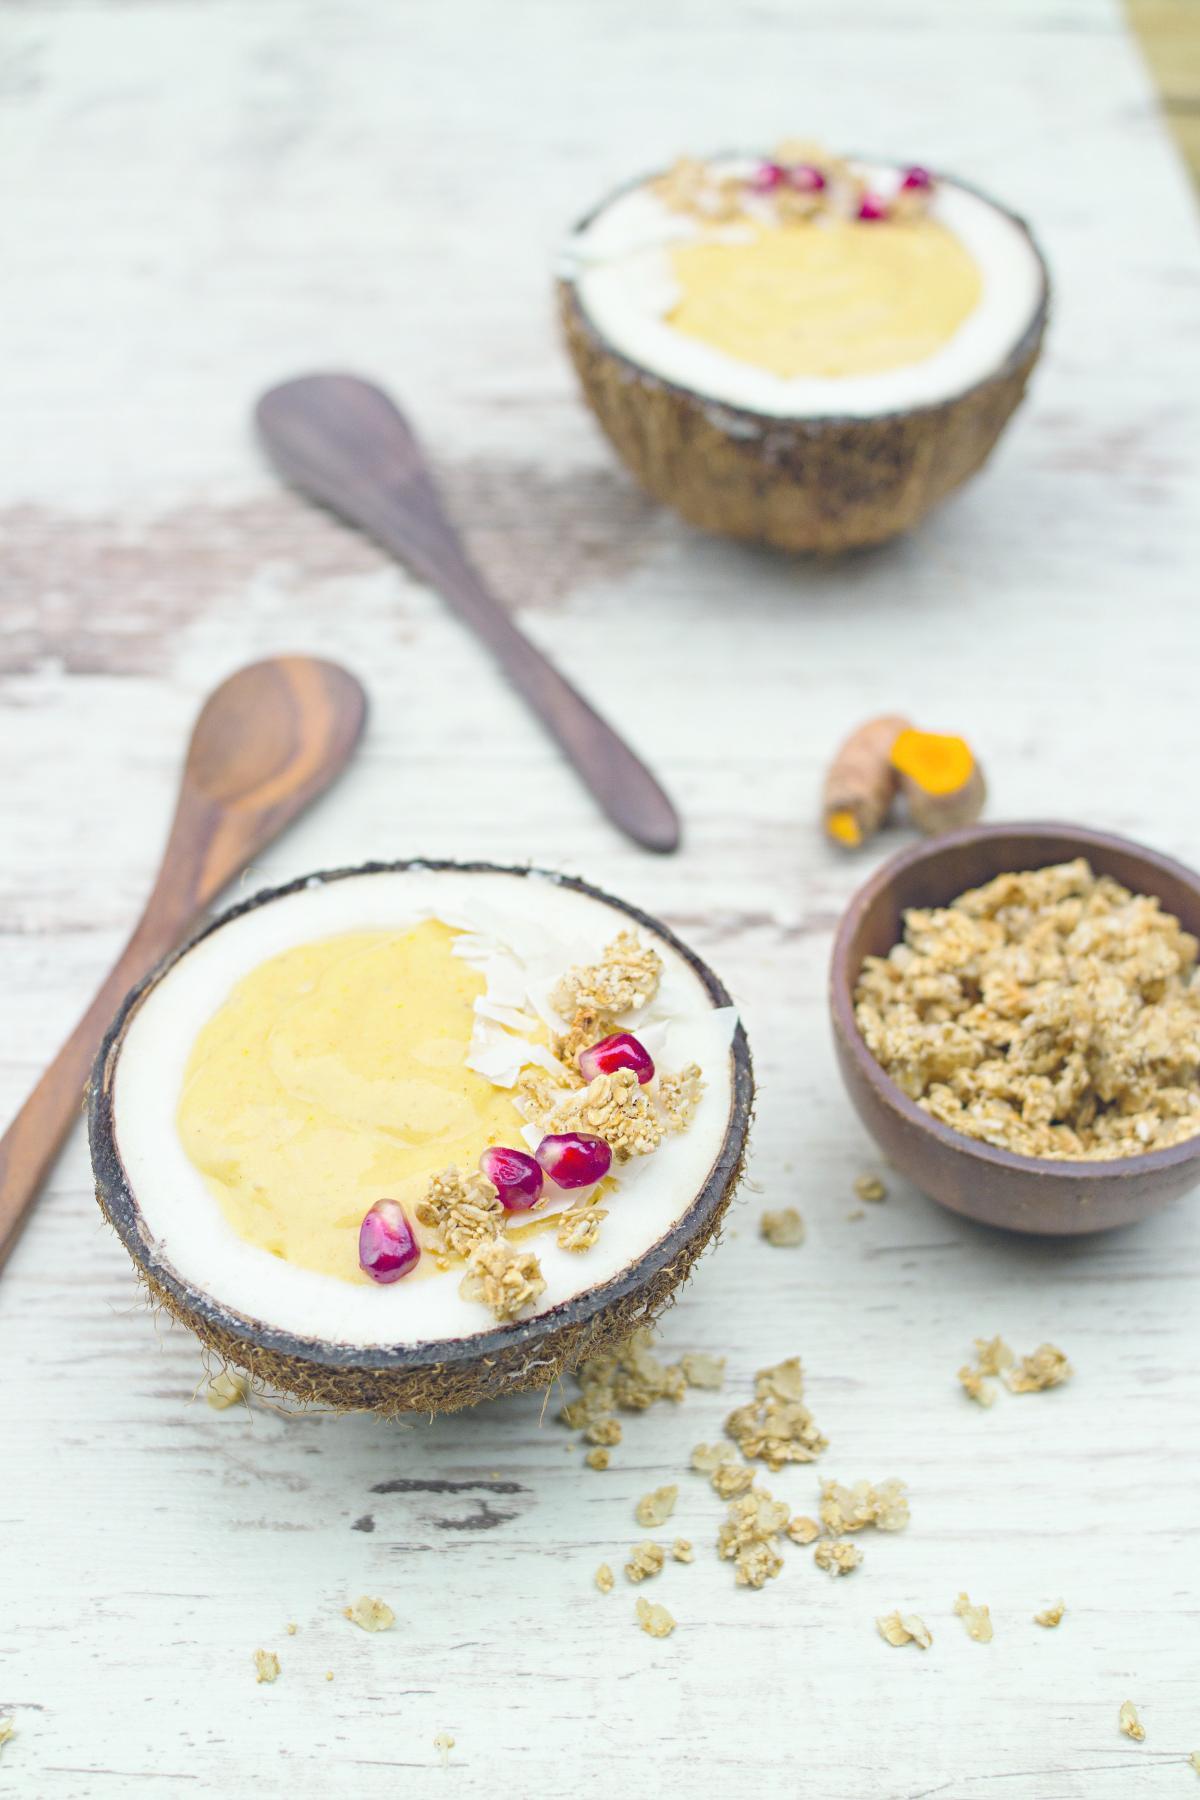 Rezepte: Golden Colada mit Kurkuma | NZZ Bellevue